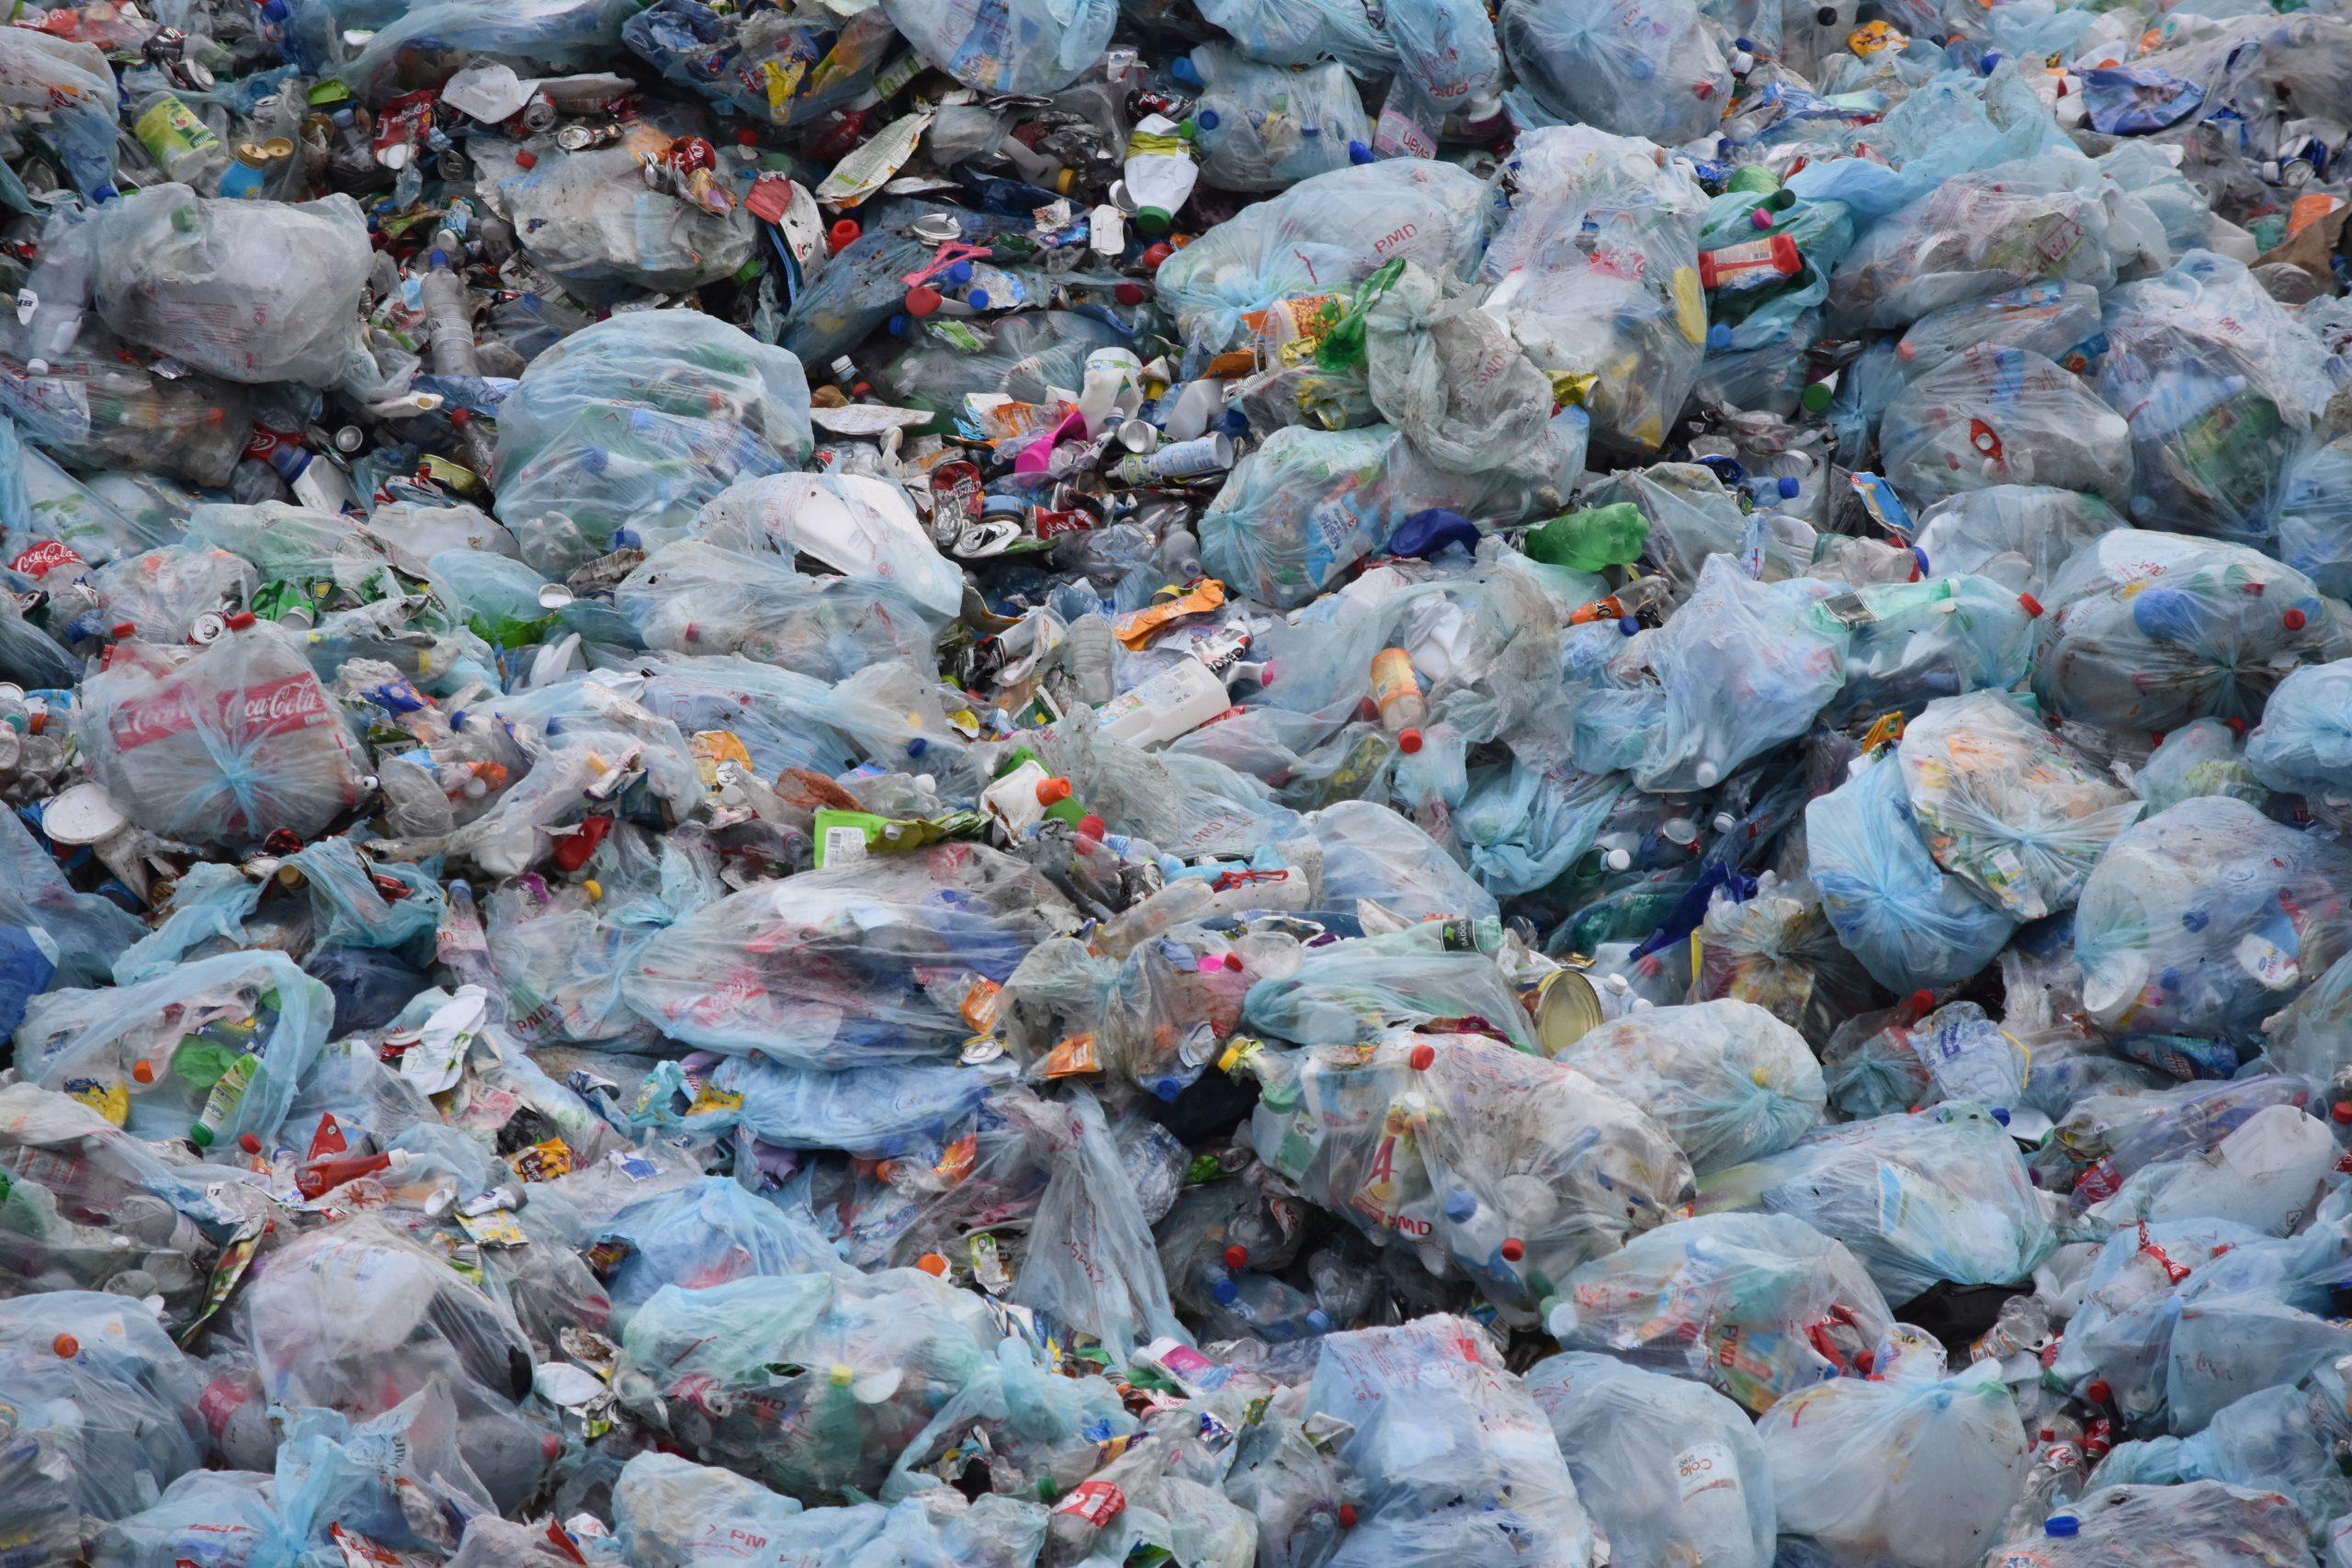 Politik zu Plastiktüten